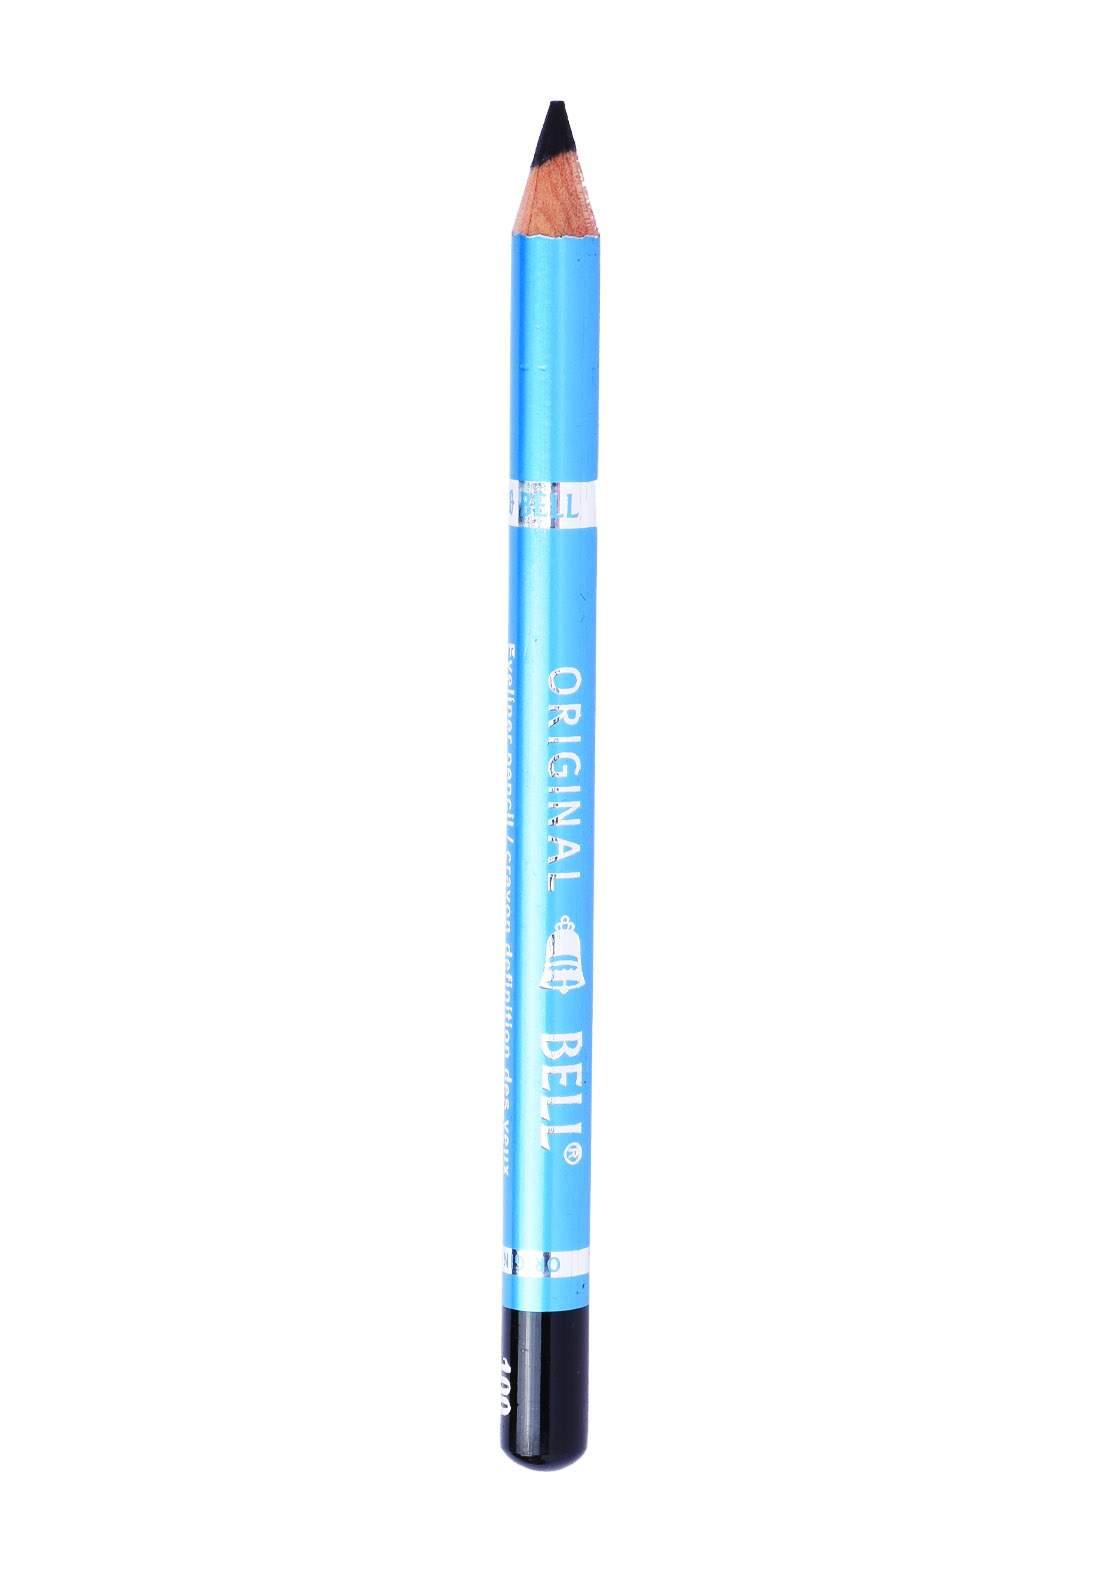 Original Bell eyeliner pencil waterproof long lasting No.100 قلم تحديد العين